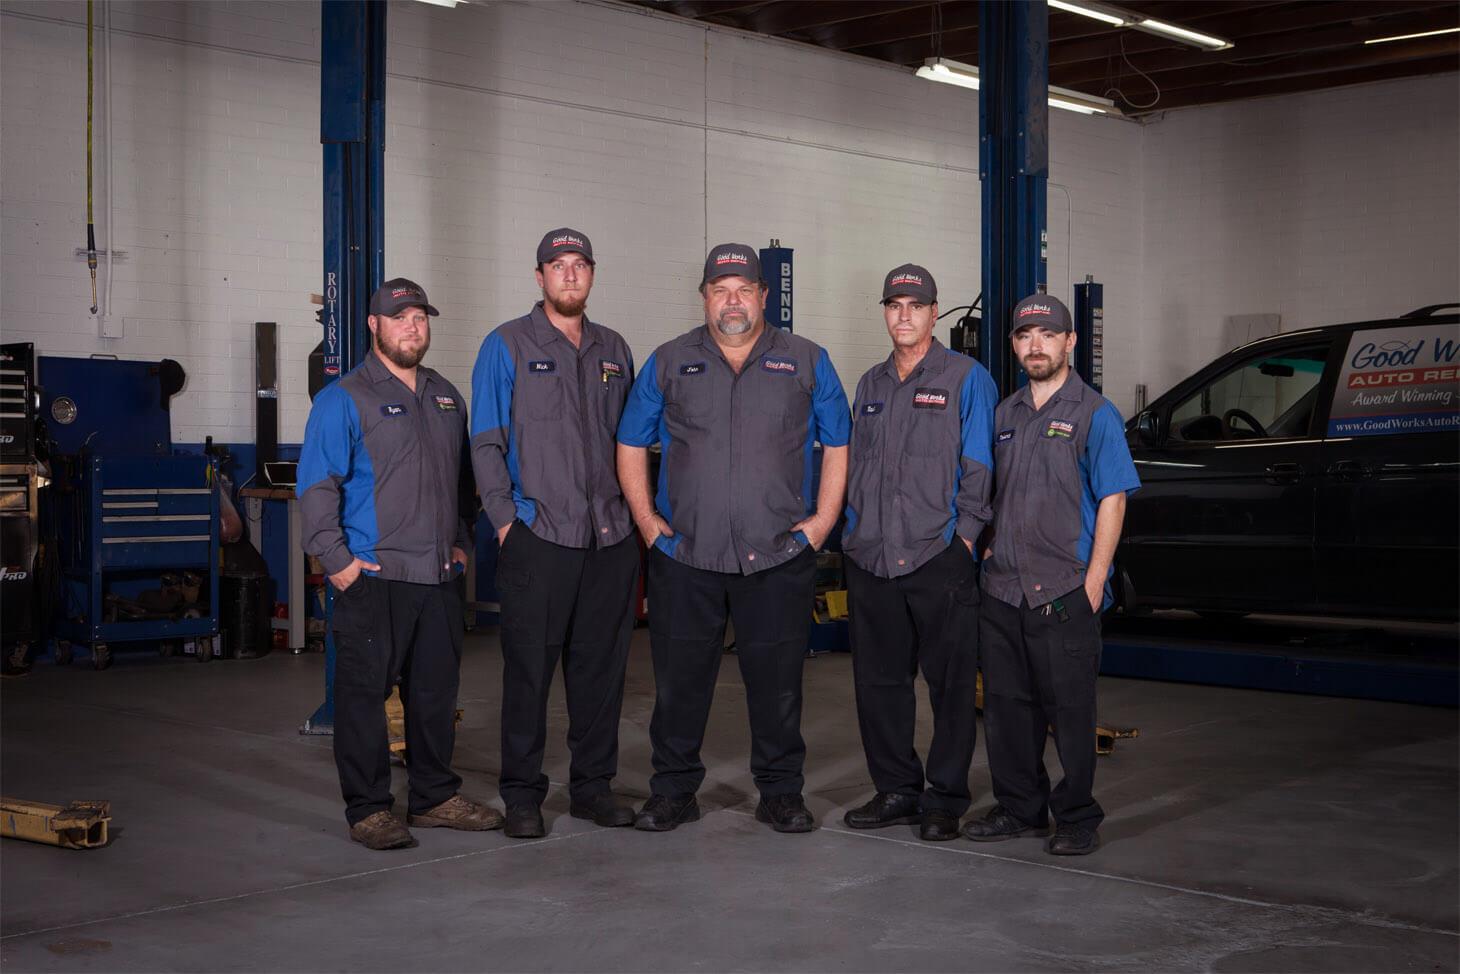 Auto repair technicians